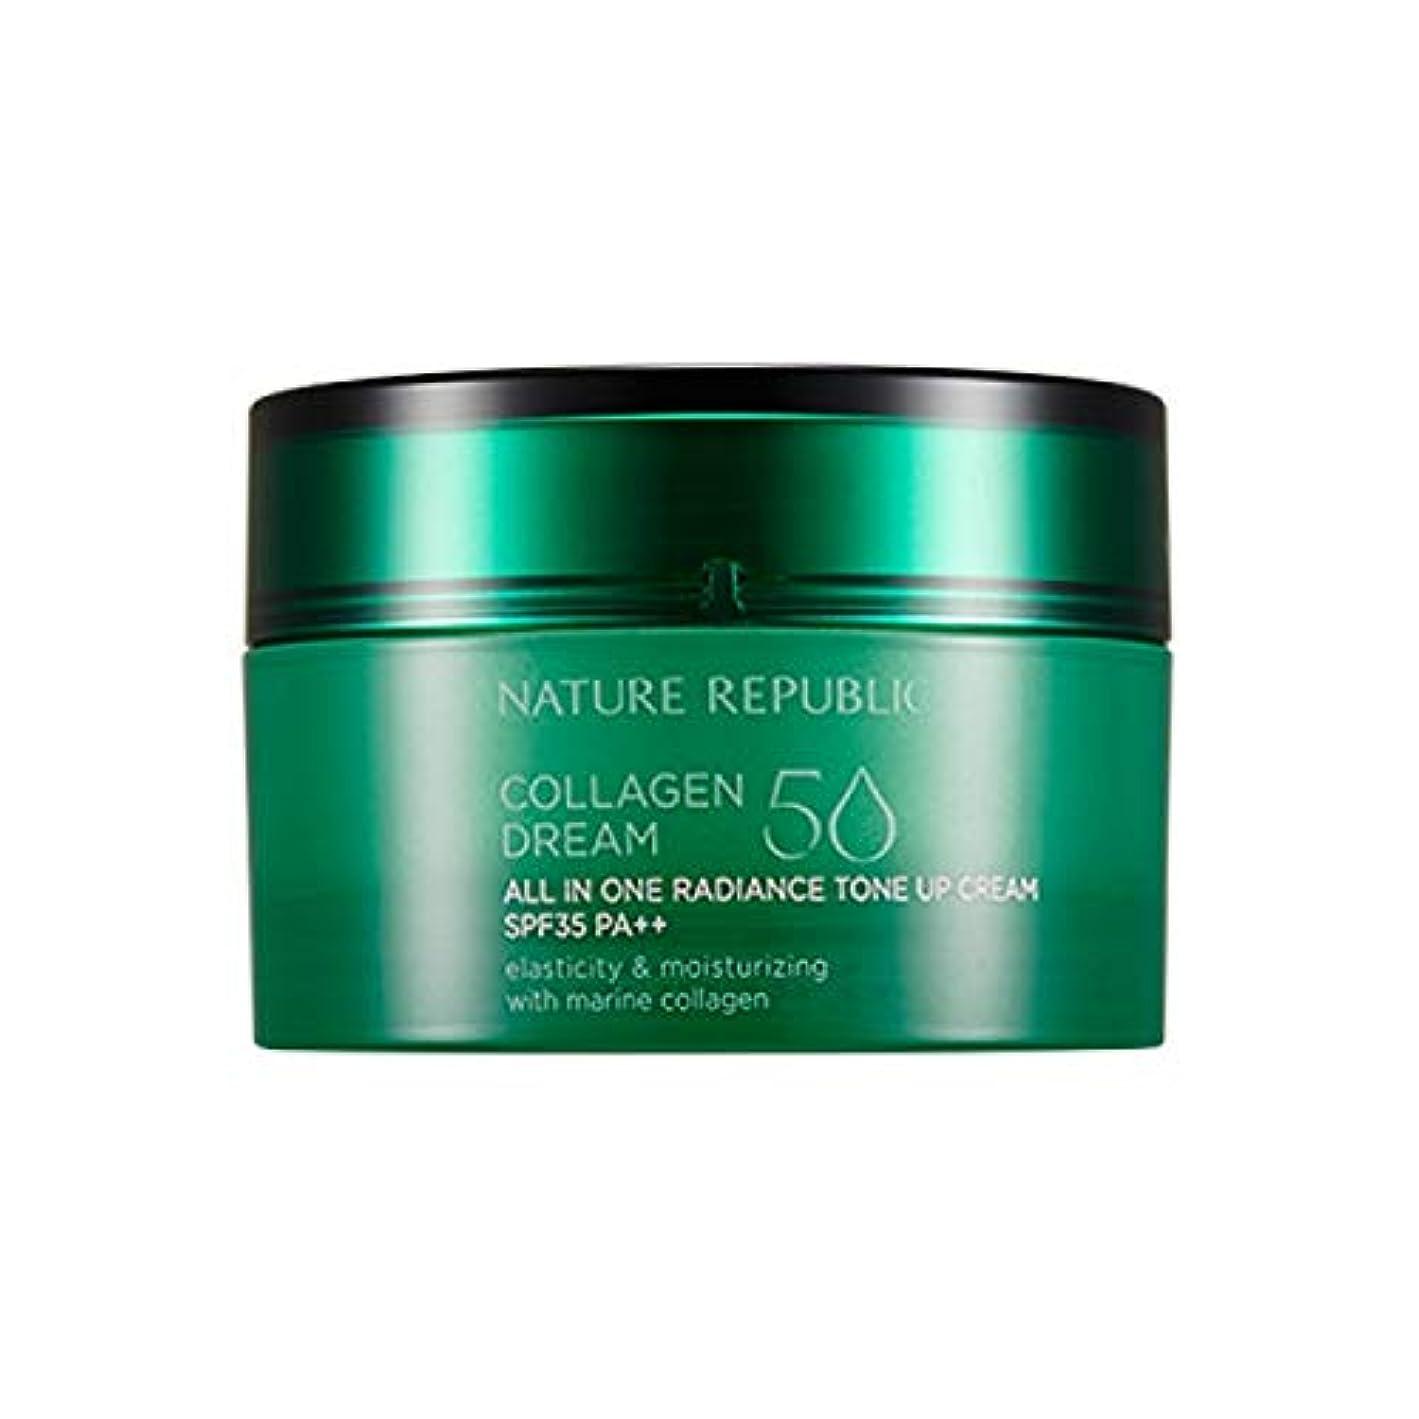 スラダムキャリッジビスケットネイチャーリパブリック(Nature Republic)コラーゲンドリーム50オールインワンラディアンストンアップクリーム SPF35PA++ 50ml / Collagen Dream 50 All-In-One Radiance Tone Up Cream (SPF35PA++) :: 韓国コスメ [並行輸入品]